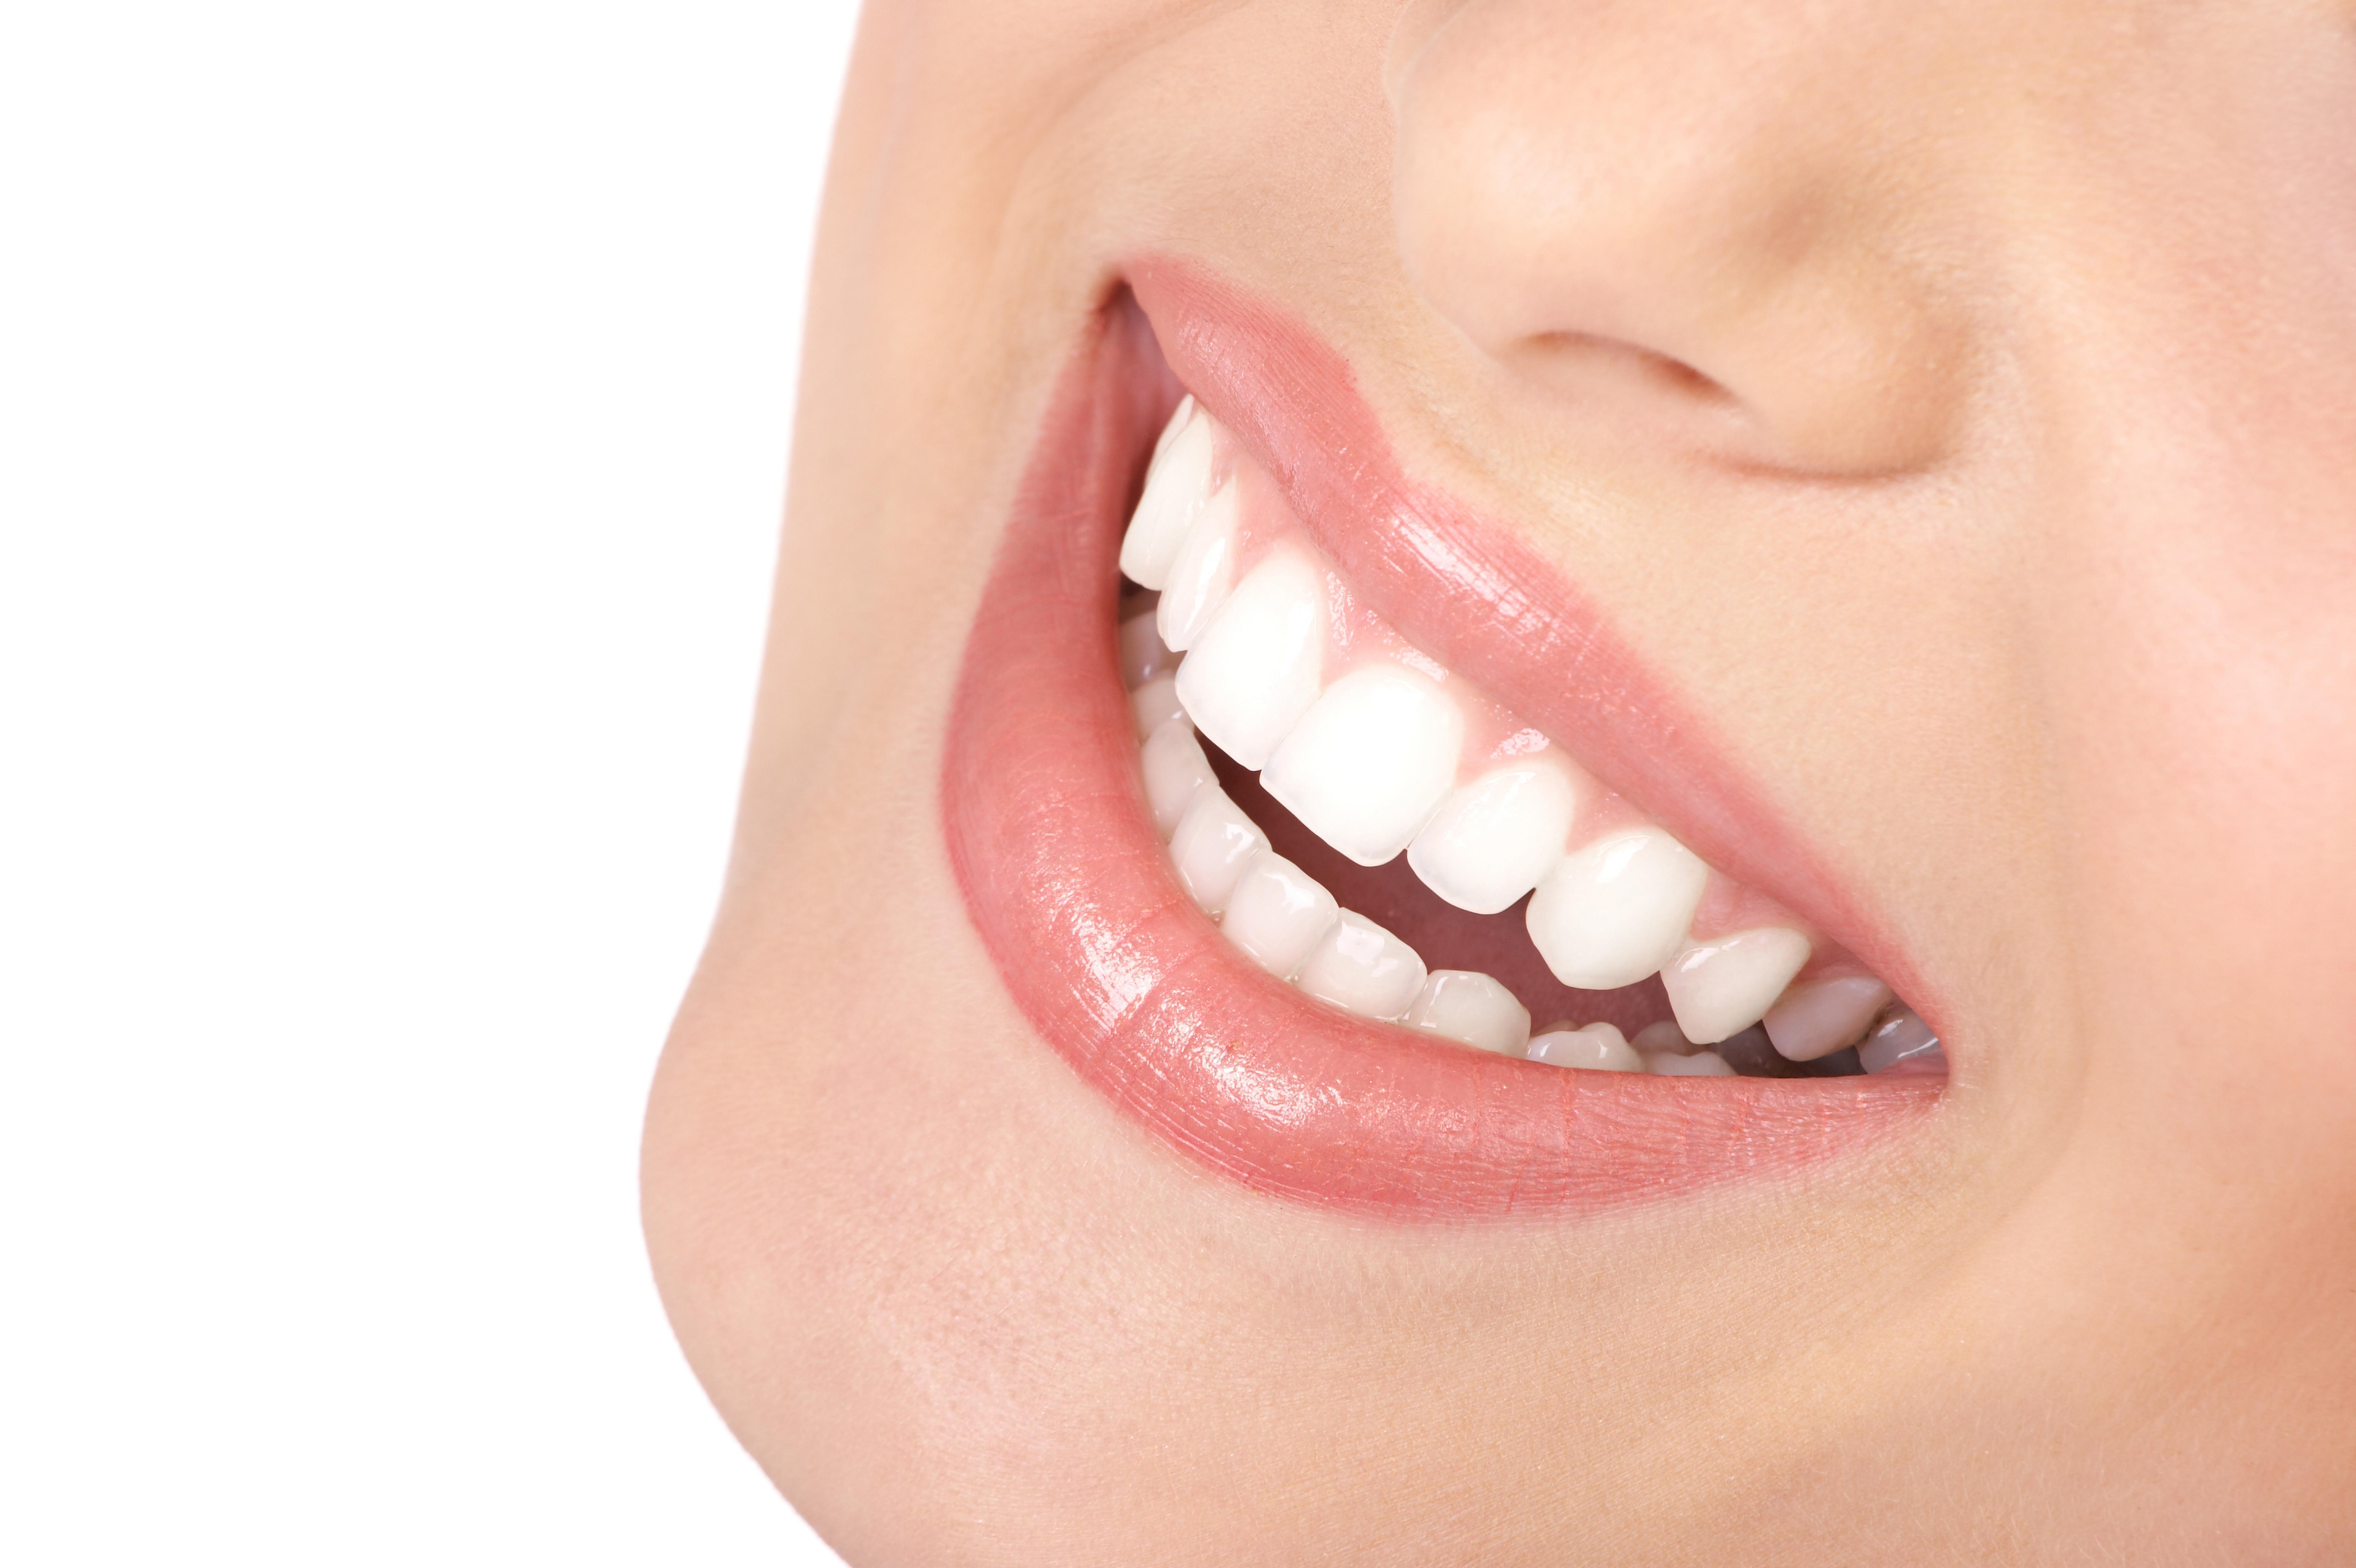 Novos Tratamentos Com Células-Tronco: Doenças Degenerativas e a Formação de Dentes